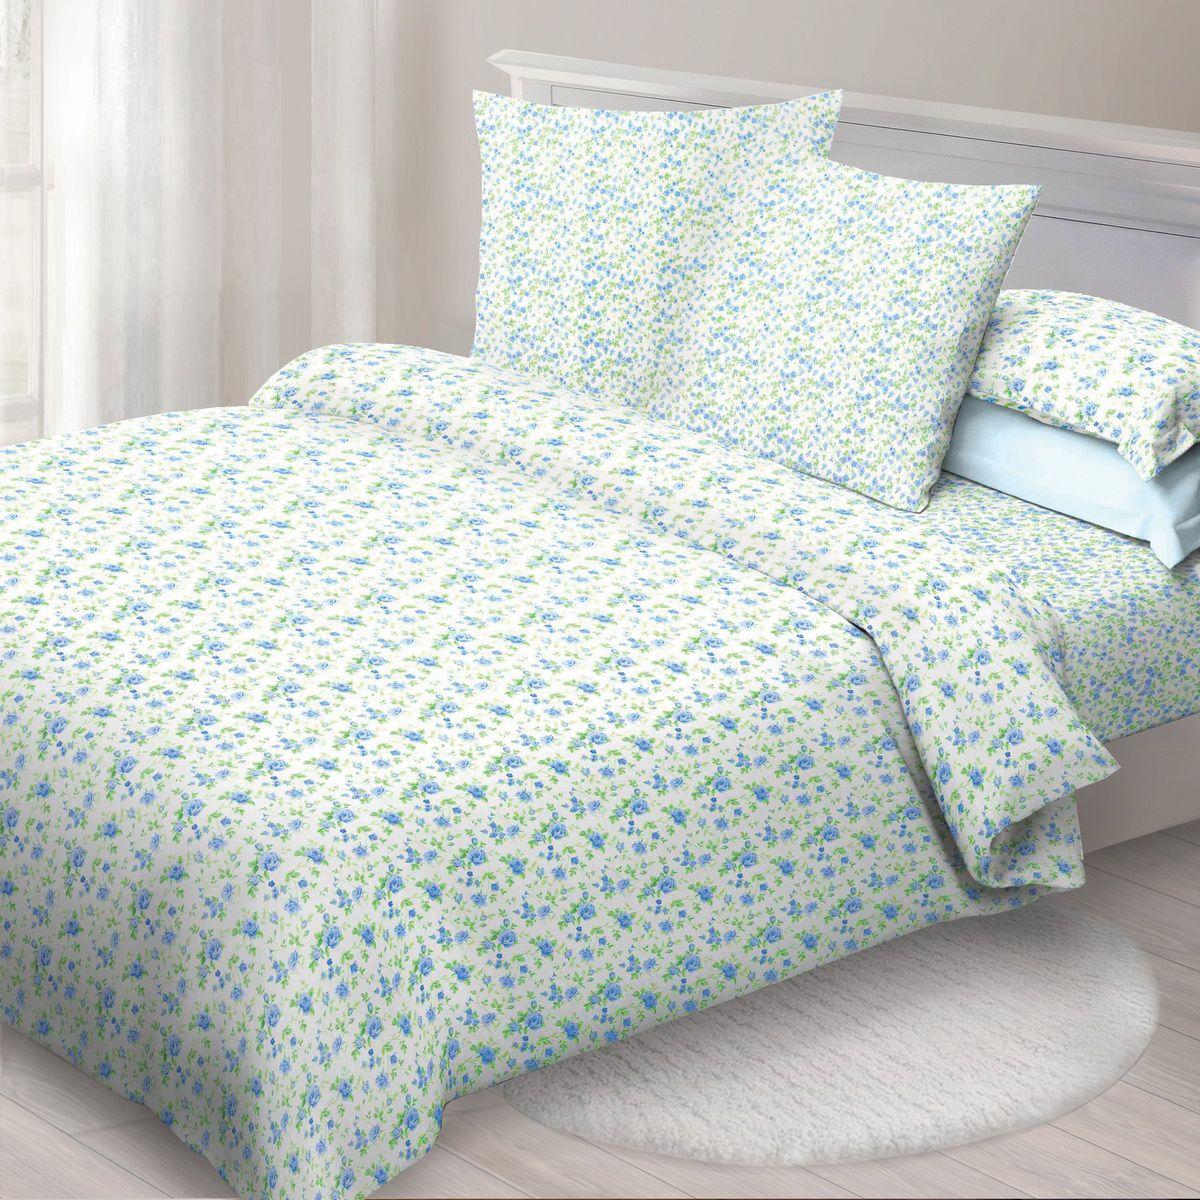 Комплект белья Спал Спалыч Мила, 2-спальное, наволочки 70x70, цвет: голубой90889Спал Спалыч - недорогое, но качественное постельное белье из белорусской бязи. Актуальные дизайны, авторская упаковка в сочетании с качественными материалами и приемлемой ценой - залог успеха Спал Спалыча! В ассортименте широкая линейка домашнего текстиля для всей семьи - современные дизайны современному покупателю! Ткань обработана по технологии PERFECT WAY - благодаря чему, она становится более гладкой и шелковистой. • Бязь Барановичи 100% хлопок • Плотность ткани - 125 гр/кв.м.